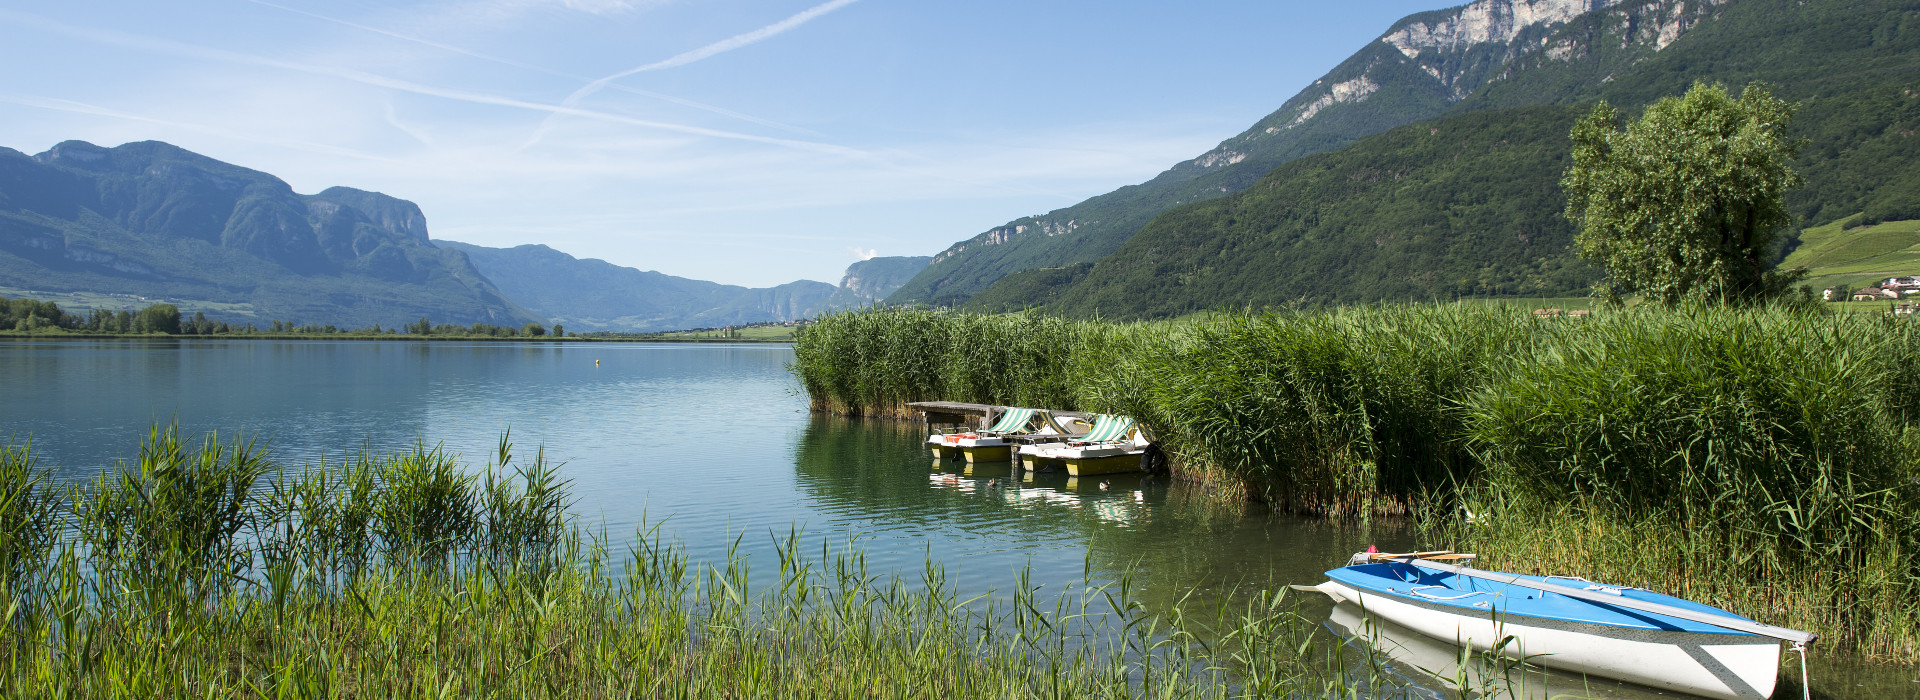 Boote am Kalterer See: Urlaub im Hotel Kaltern